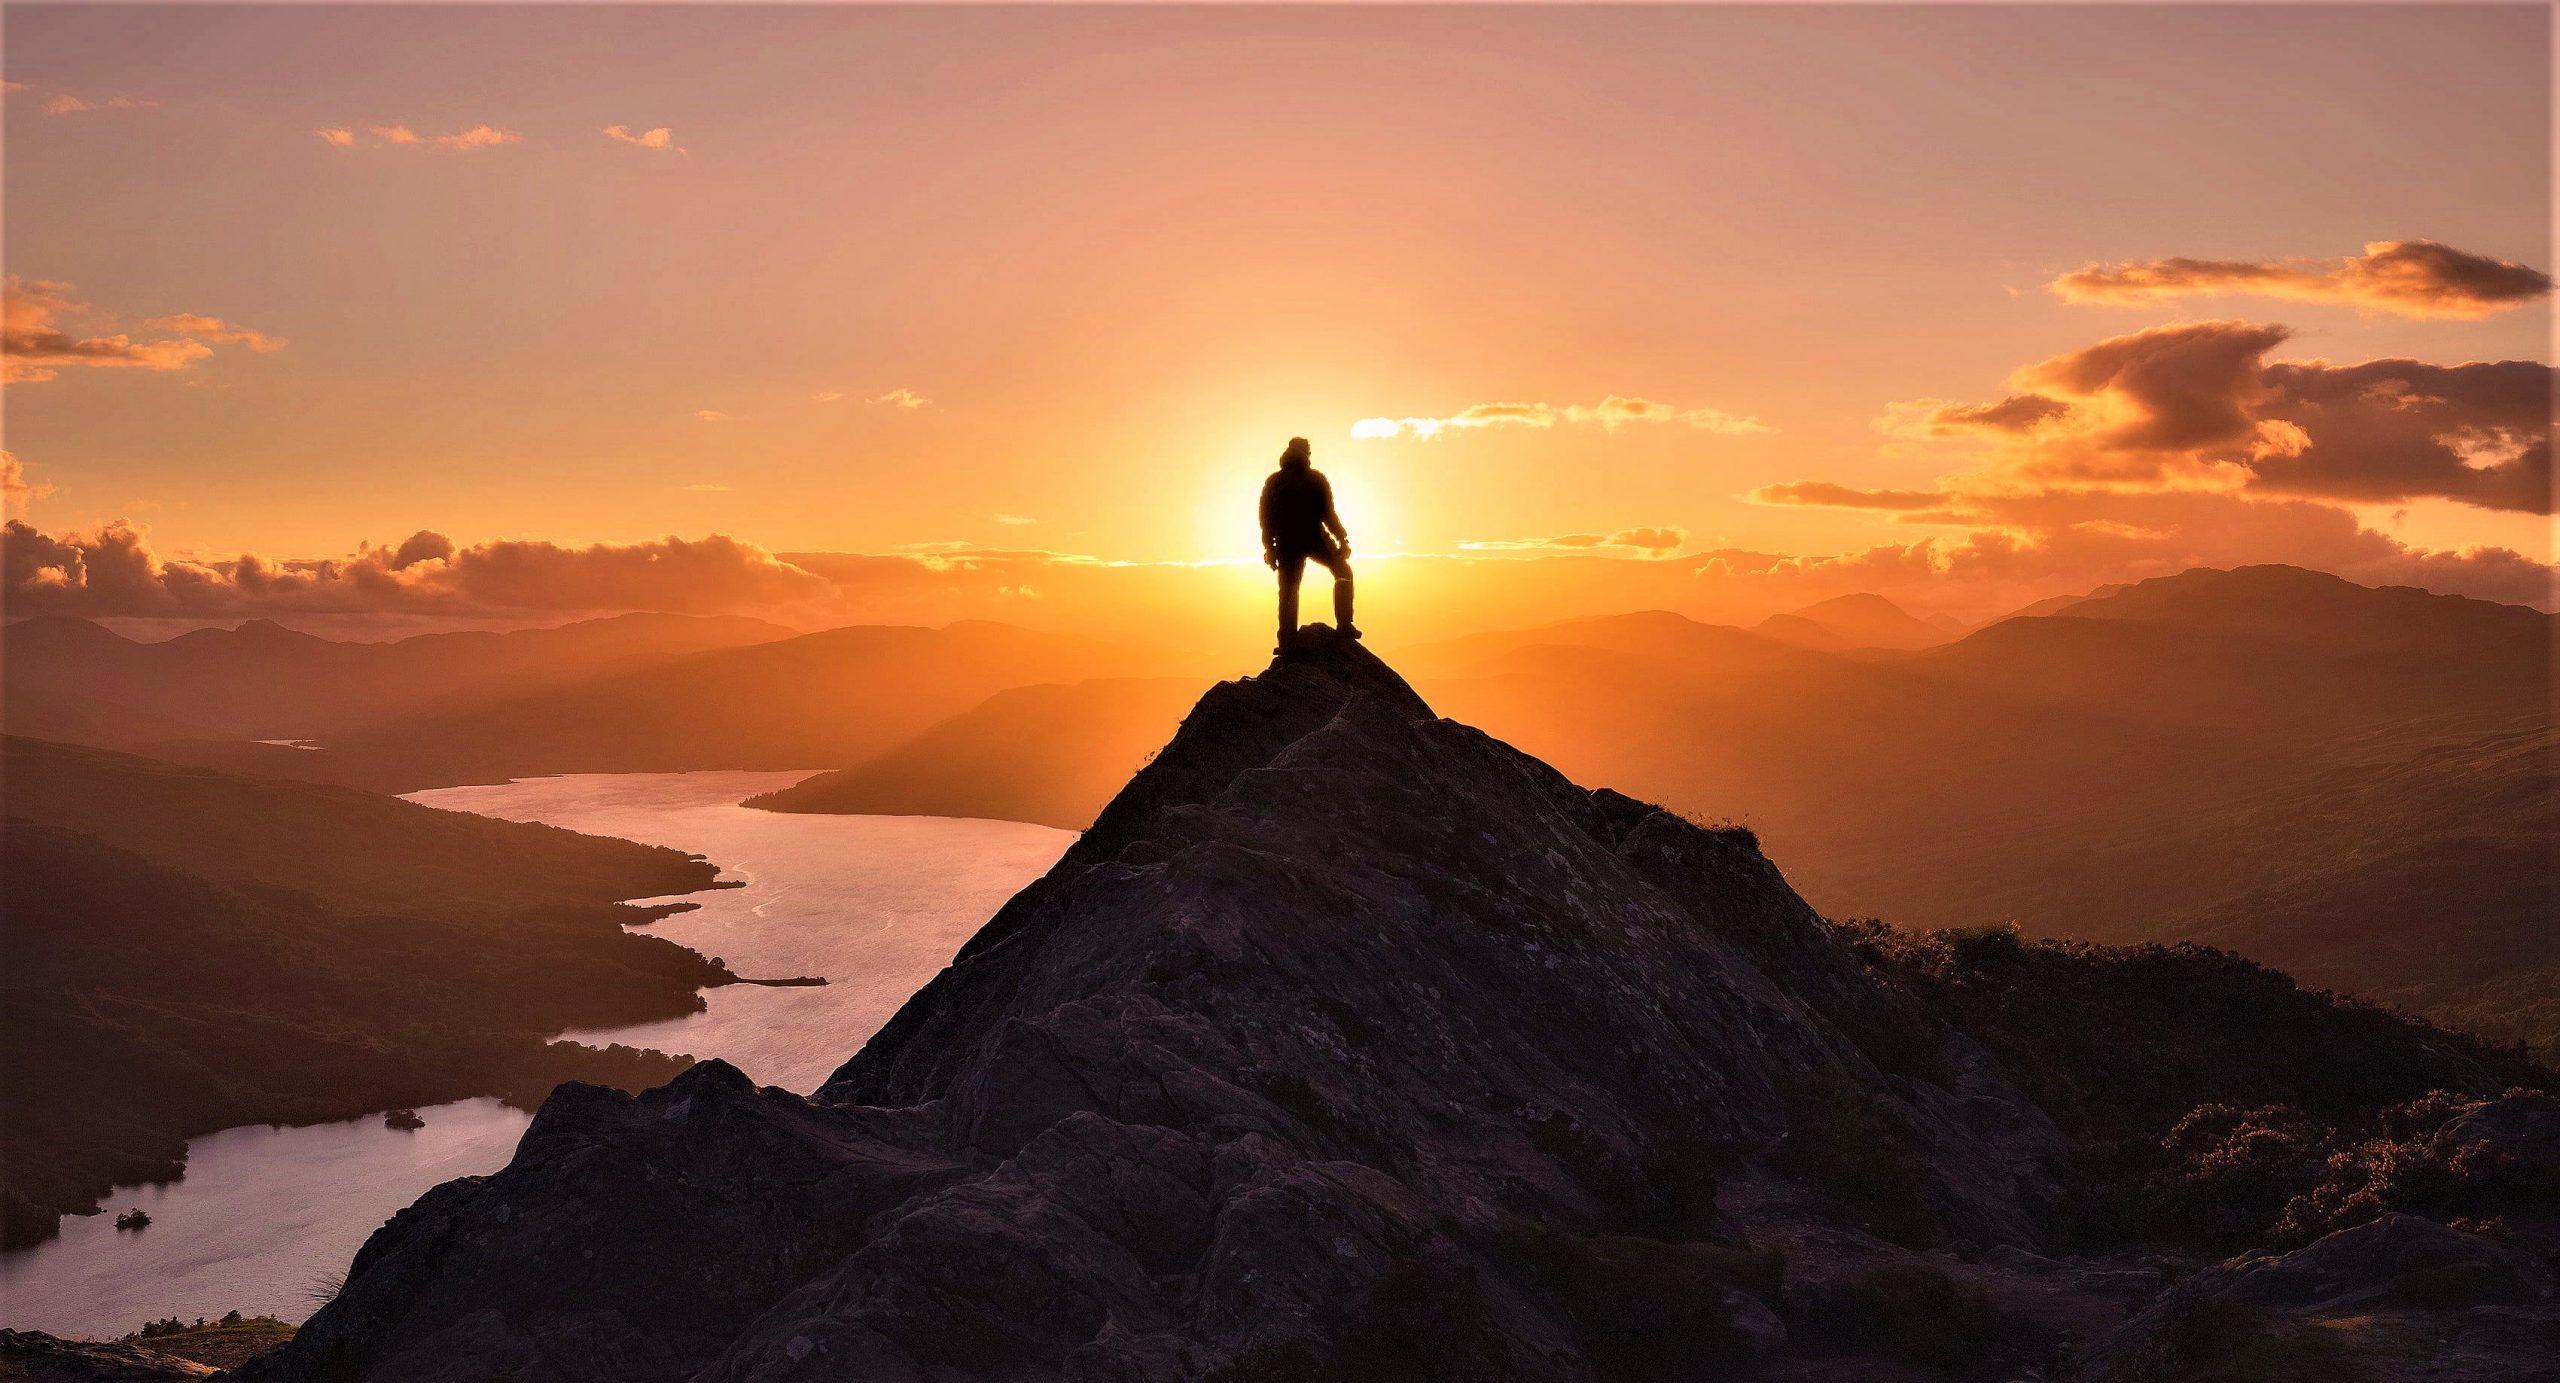 İman, hayat ve şeriat perspektiflerinden hürriyete yeni bir bakış denemesi